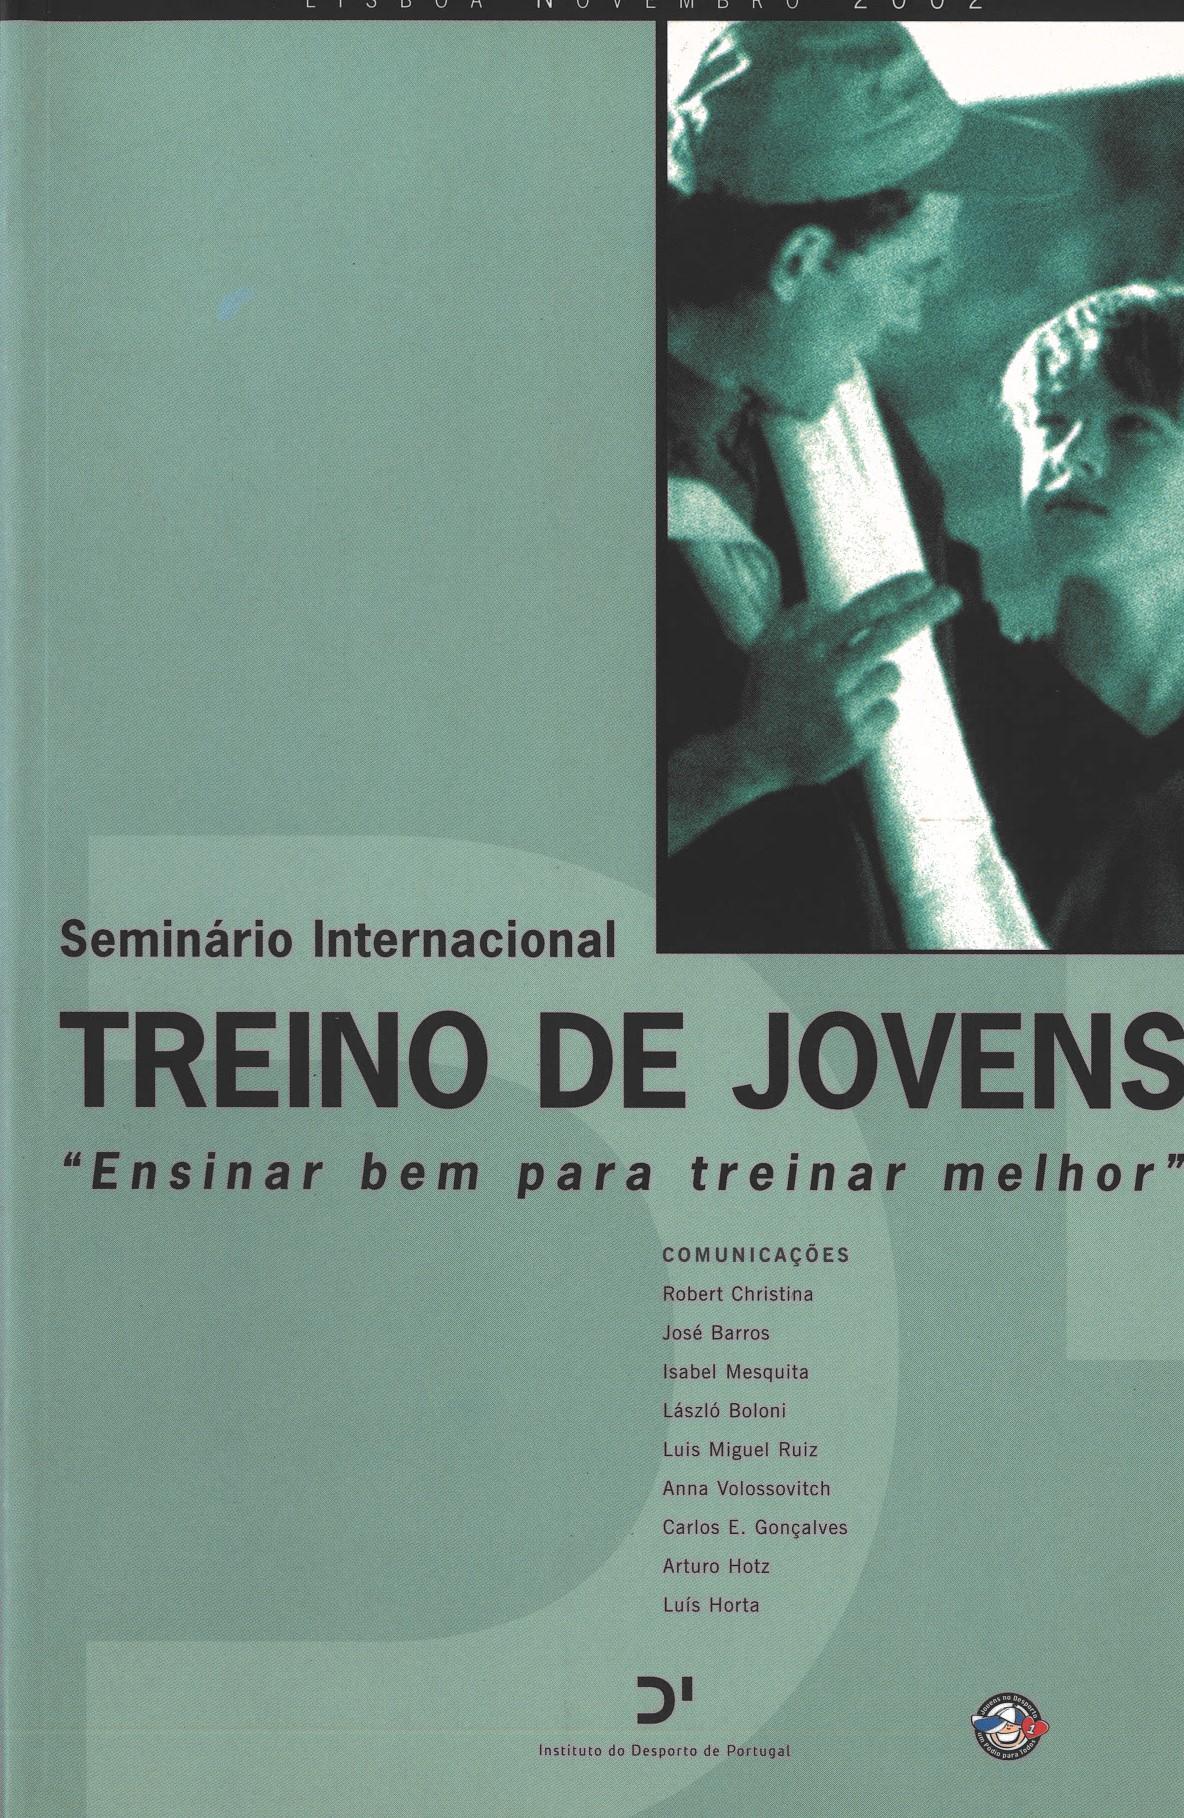 """Seminário Internacional - Treino de jovens """"Ensinar bem para treinar melhor"""" (Lisboa, Novembro, 2002)"""